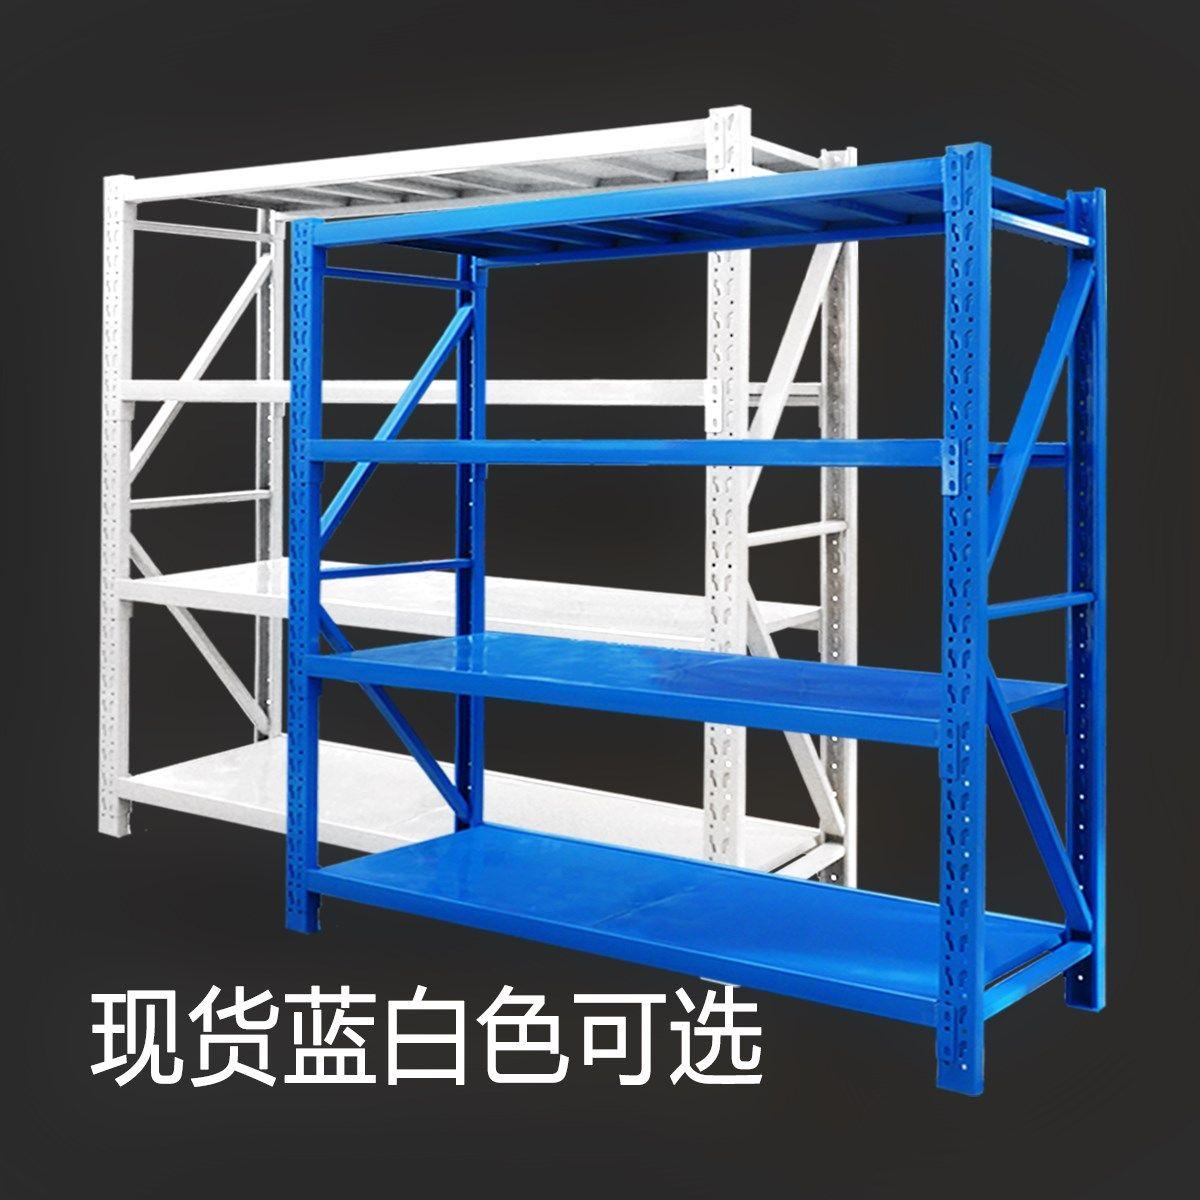 多功能超市置物架家用货架展示架自由组合可拆卸仓库仓储多层铁架,可领取10元淘宝优惠券